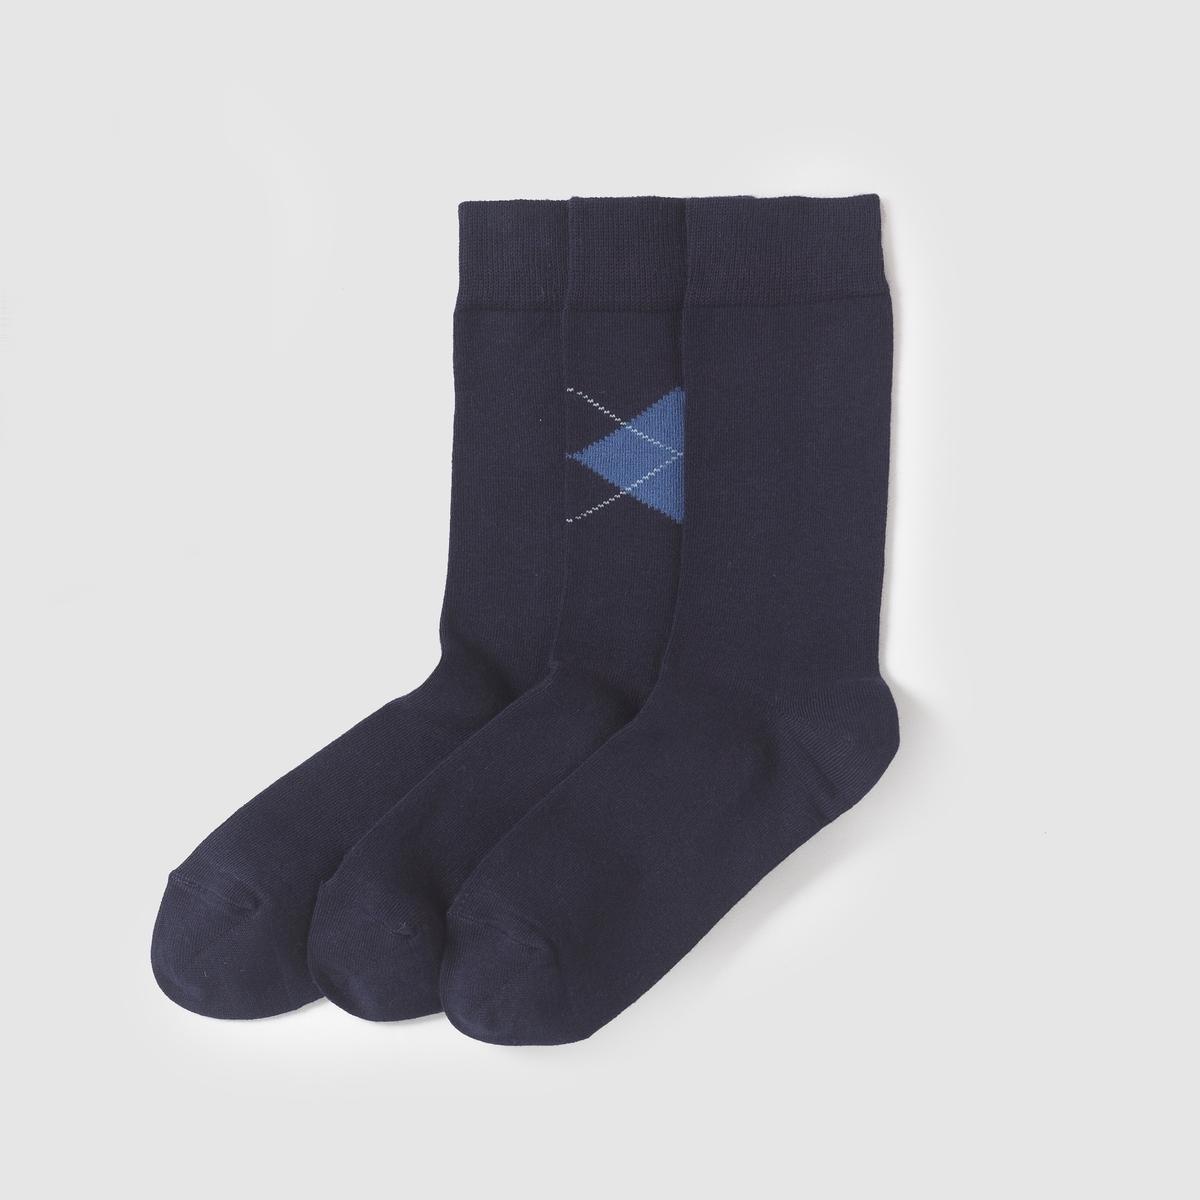 Комплект из 3 пар носков из модалаКомплект из 3 пар мягких носков. носки из хлопка/модала для мягкости, поскольку модал - мягкое целлюлозное волокно с впитывающей способность выше, чем у хлопка.Состав и описаниеМатериал : 40% хлопка, 40% модала, 17% полиамида, 3% эластанаМарка :  R essentiel<br><br>Цвет: черный + темно-серый меланж